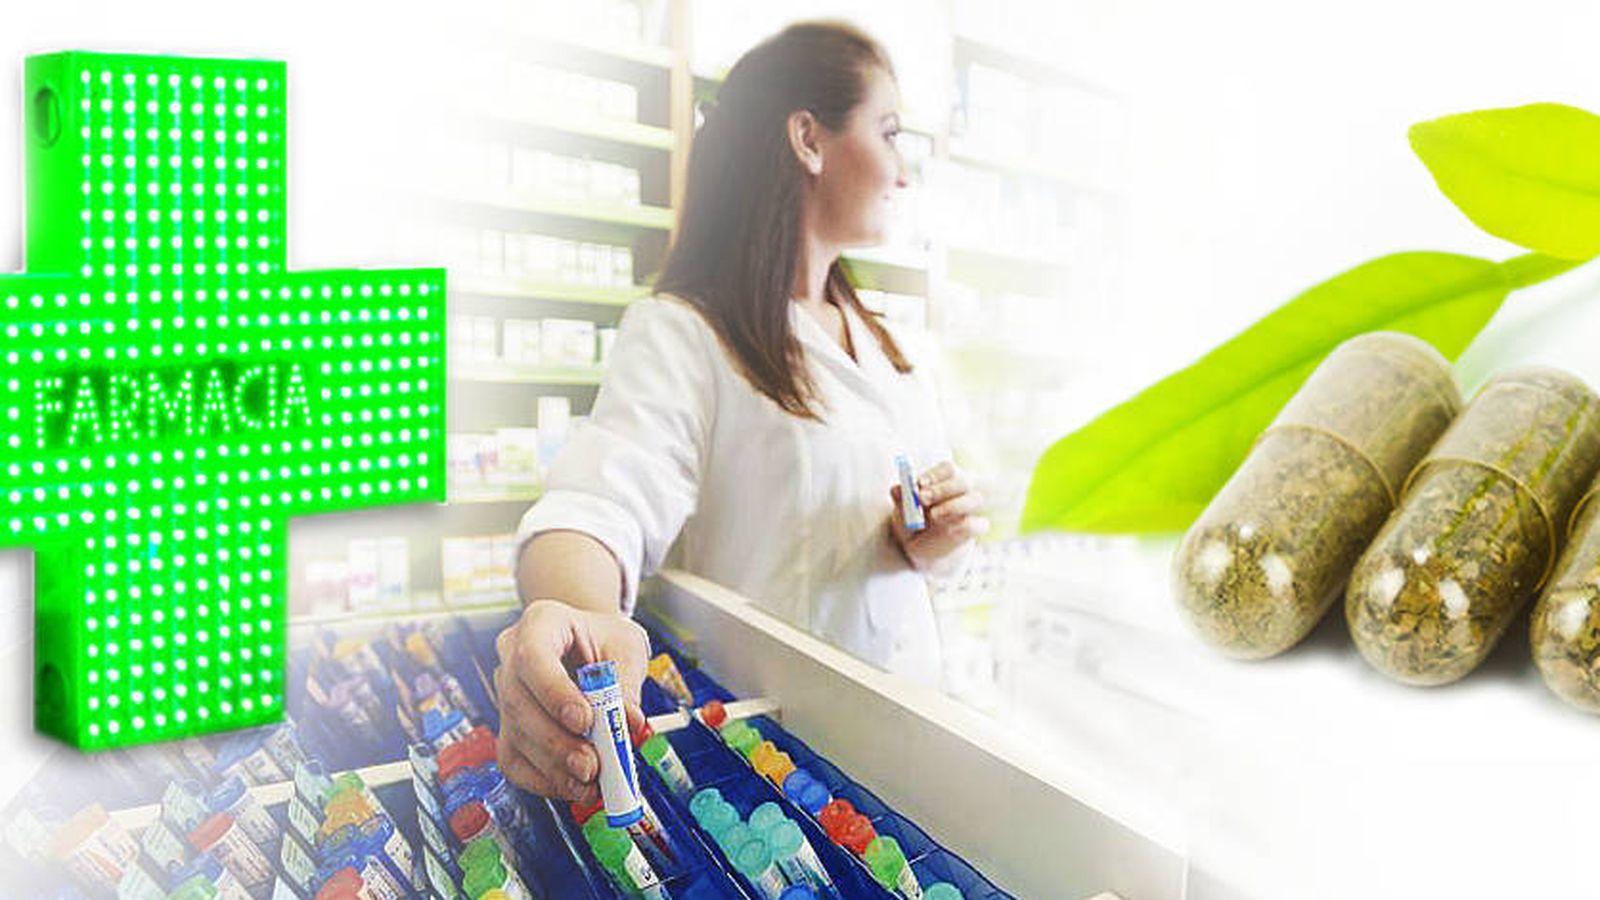 Foto: Los productos de parafarmacia son claves en el negocio de los farmacéuticos.